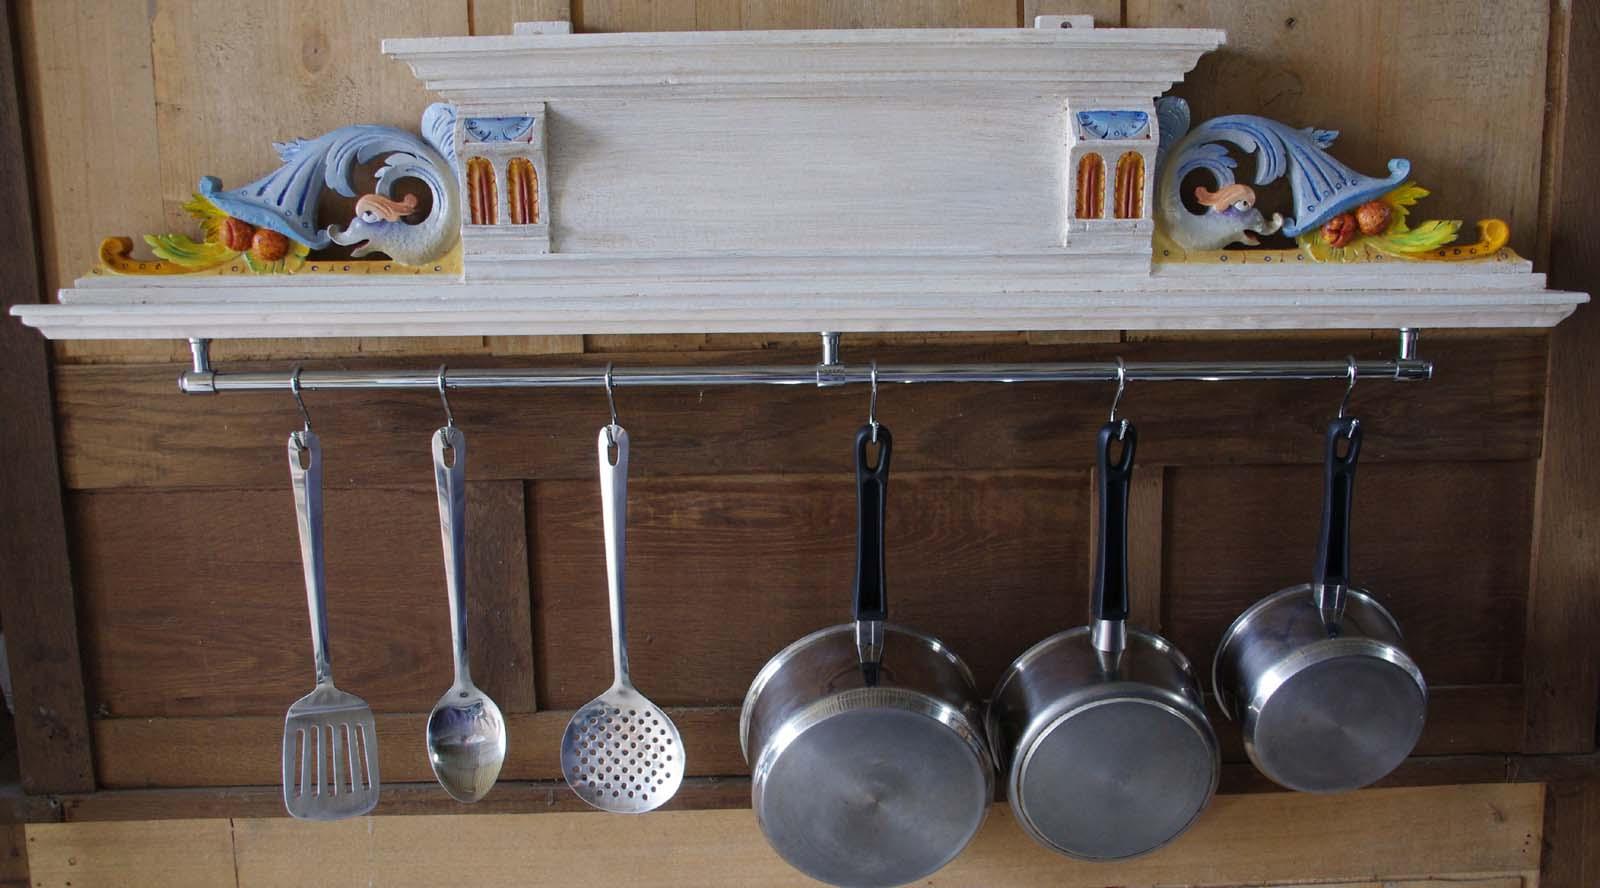 Relook meubles peints accessoires d coration int rieur for Accessoire decoration interieur